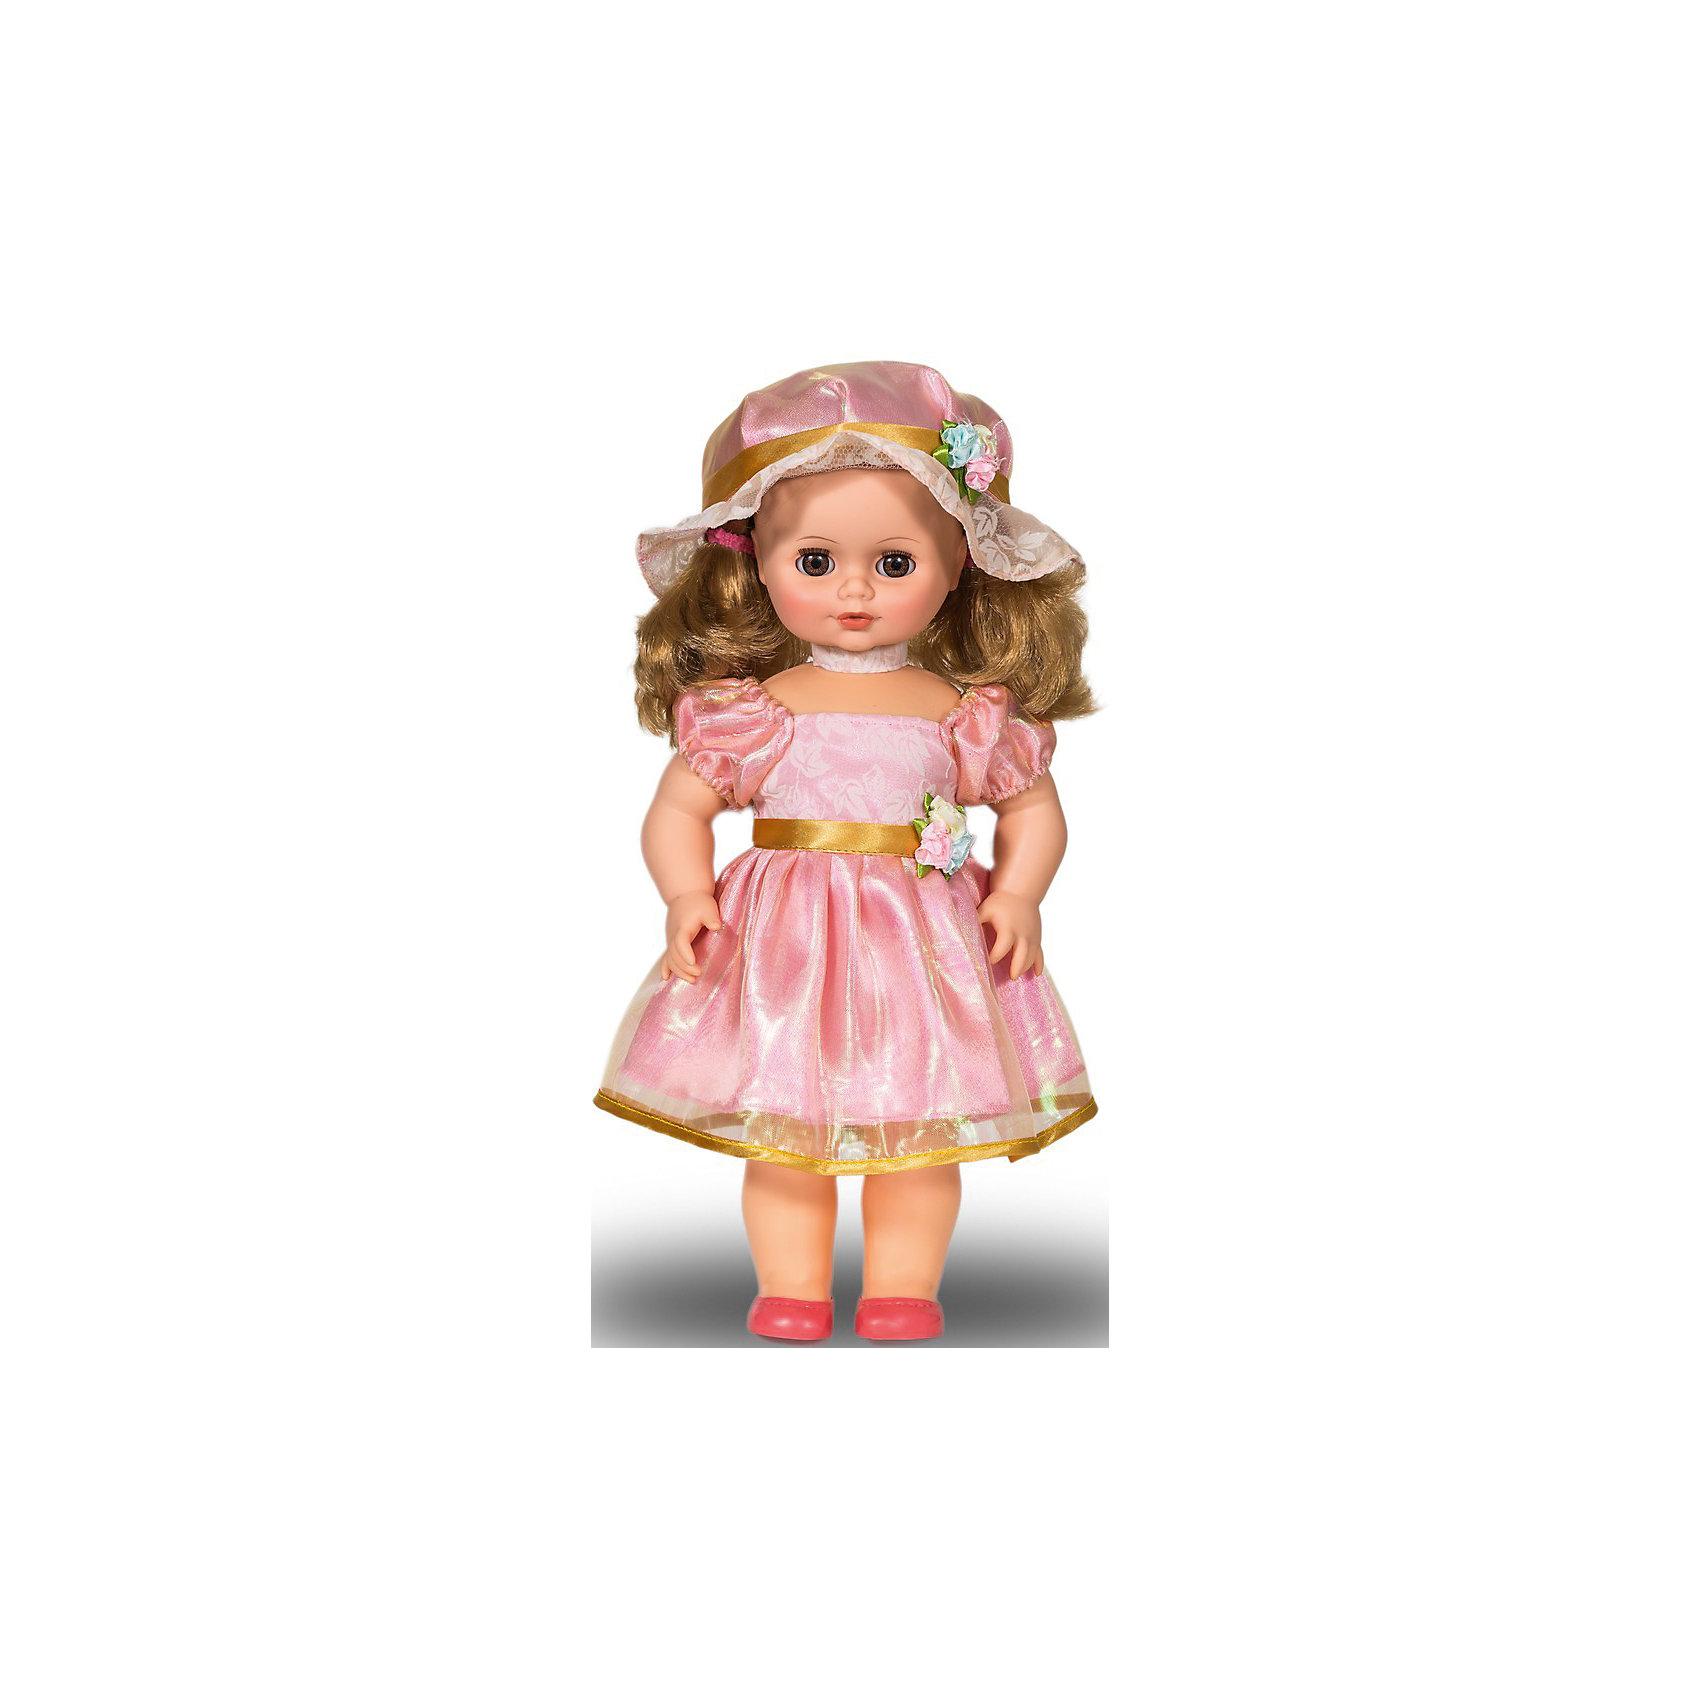 Кукла Инна 48, со звуком, ВеснаИнтерактивные куклы<br>Кукла Инна 48 со звуком от марки Весна<br><br>Очень нарядная и качественная кукла от отечественного производителя способна не просто помочь ребенку весело проводить время, но и научить девочку красиво одеваться. На ней - пышное платье и нарядная шляпка, всё можно снимать и надевать.<br>Кукла произносит несколько фраз, механизм работает от батареек, которые идут в комплекте. Сделана игрушка из качественных и безопасных для ребенка материалов.<br><br>Отличительные особенности куклы:<br><br>- материал: пластмасса;<br>- волосы: прошивные;<br>- звуковой модуль;<br>- голова поворачивается;<br>- руки и ноги гнутся;<br>- снимающаяся одежда и обувь;<br>- закрывающиеся глаза;<br>- высота: 43 см.<br><br>Комплектация:<br><br>- одежда;<br>- три батарейки СЦ 357.<br><br>Куклу Инна 48 со звуком от марки Весна можно купить в нашем магазине.<br><br>Ширина мм: 430<br>Глубина мм: 240<br>Высота мм: 430<br>Вес г: 810<br>Возраст от месяцев: 36<br>Возраст до месяцев: 120<br>Пол: Женский<br>Возраст: Детский<br>SKU: 4650460